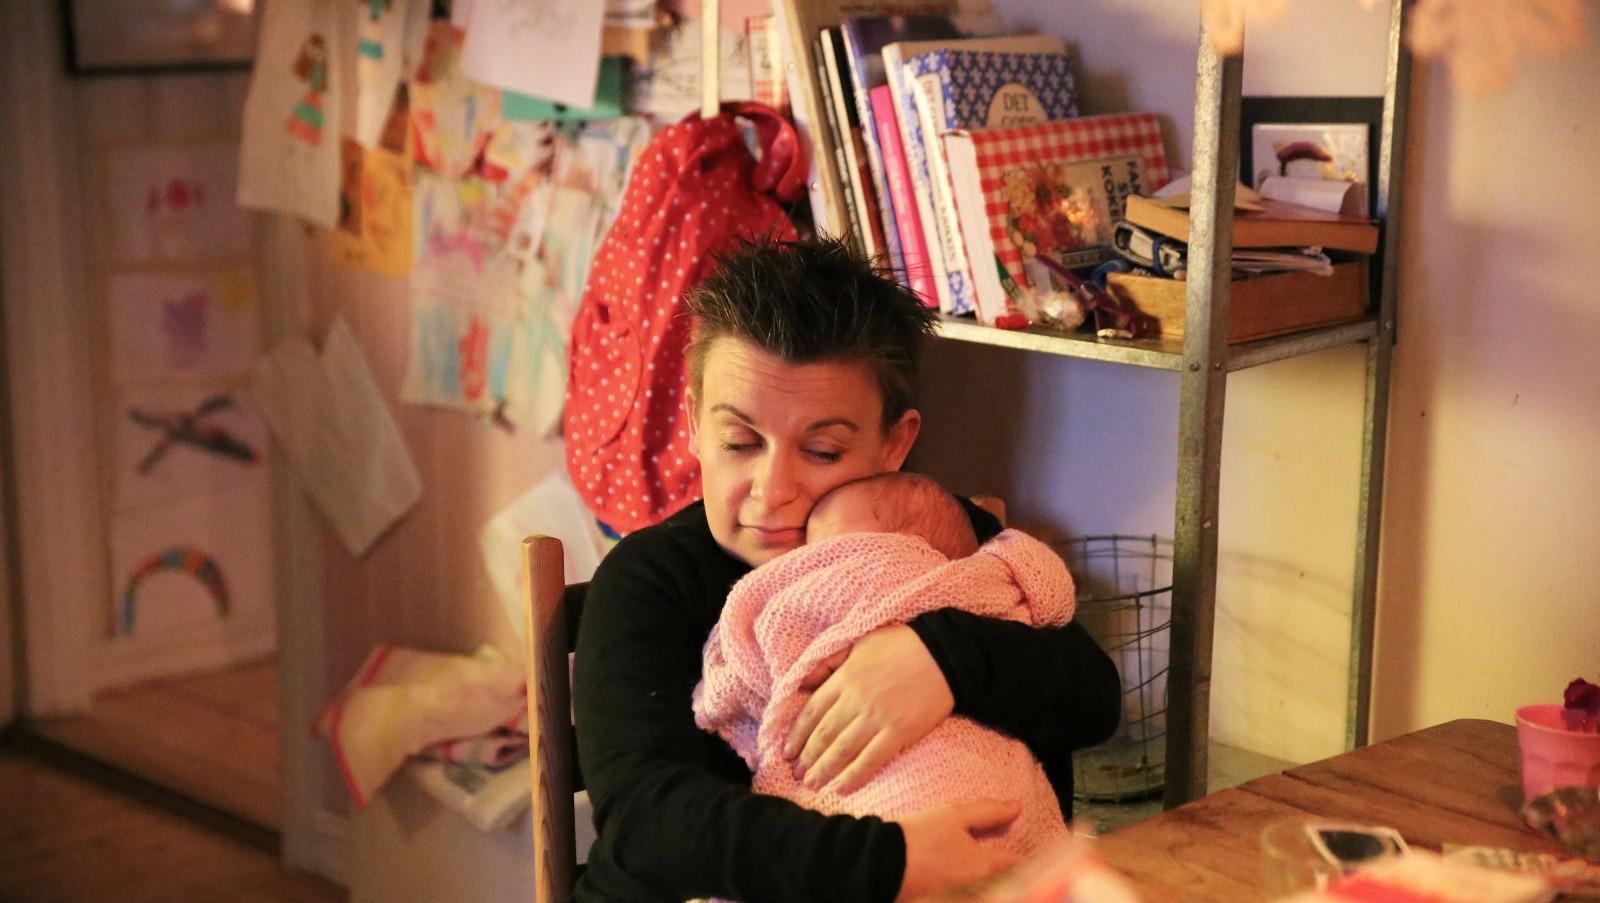 Teskje-mammaen - Kjerstis jul startet med ei nyfødt jente. Et barn mange mener hun ikke burde hatt.